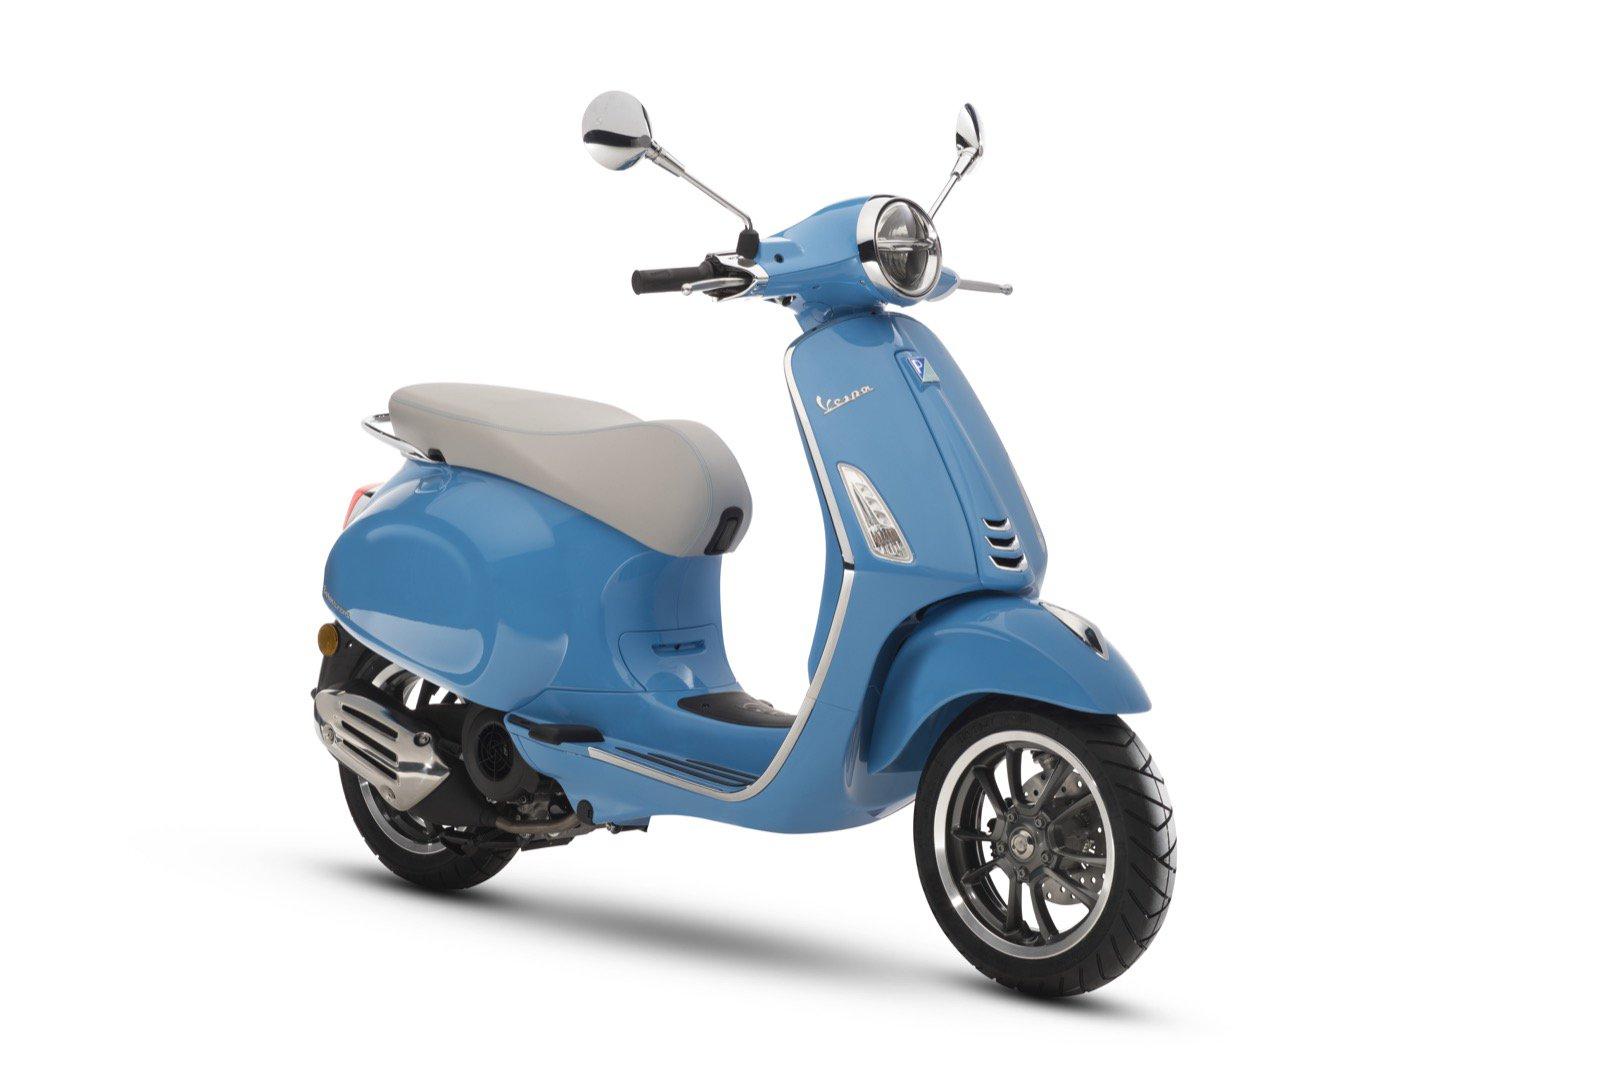 Defective Fuel Pump Triggers Piaggio and Vespa Recall ... on